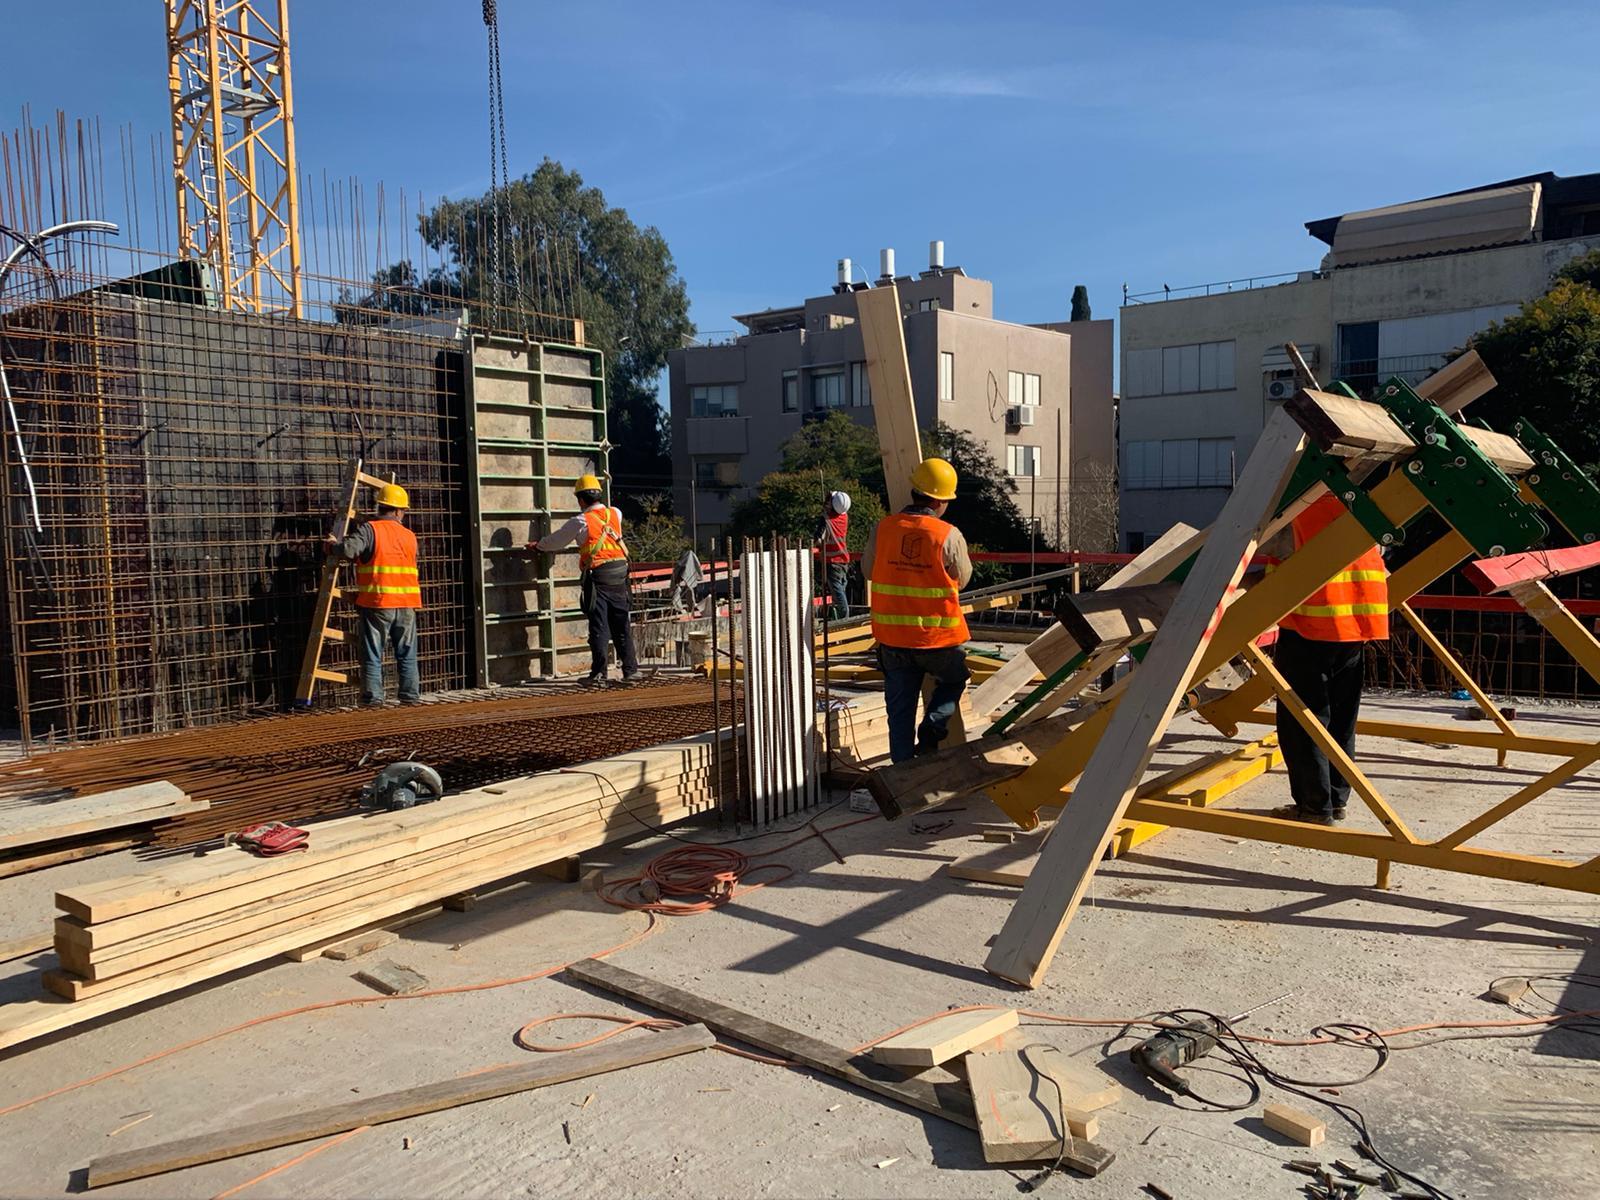 סיום עבודות בנייה במרתף ותחילת שלד קומה ראשונה 23.02.2021